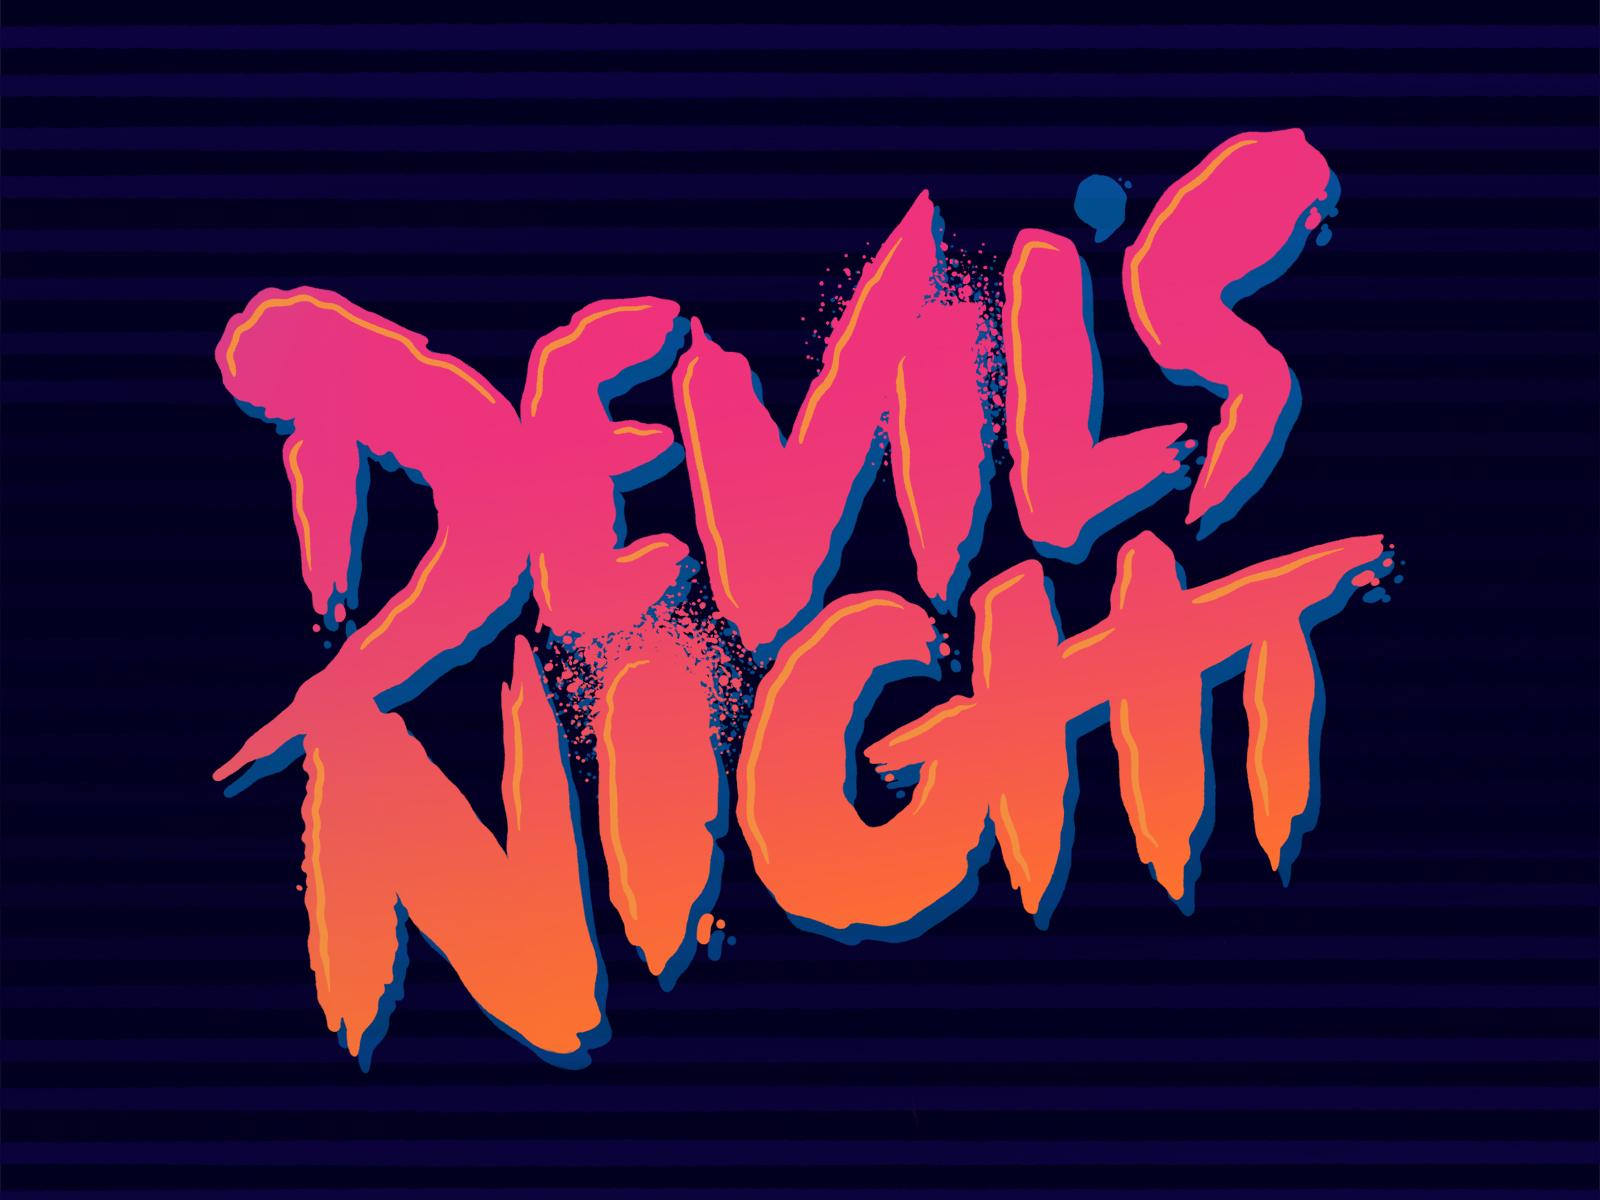 Devilsnight